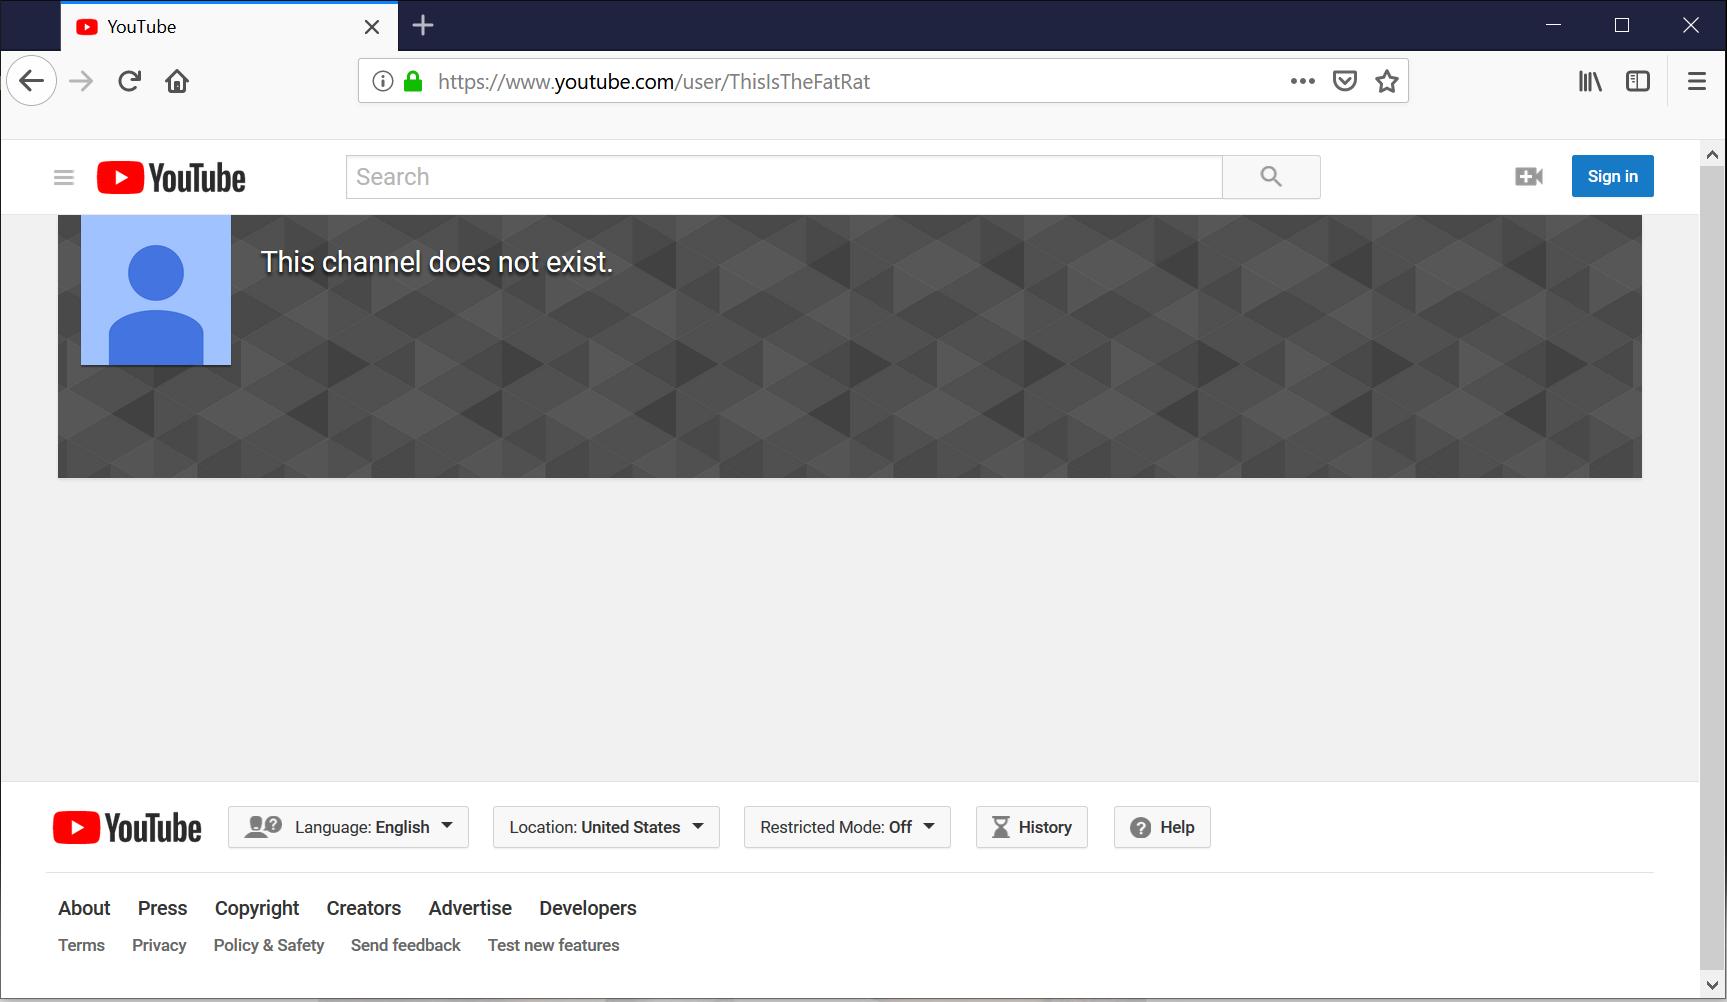 DJ TheFatRat lại bị YouTube xóa kênh lần 2: Lỗ hổng vô lý vẫn chưa được sửa sau nửa năm? - Ảnh 2.